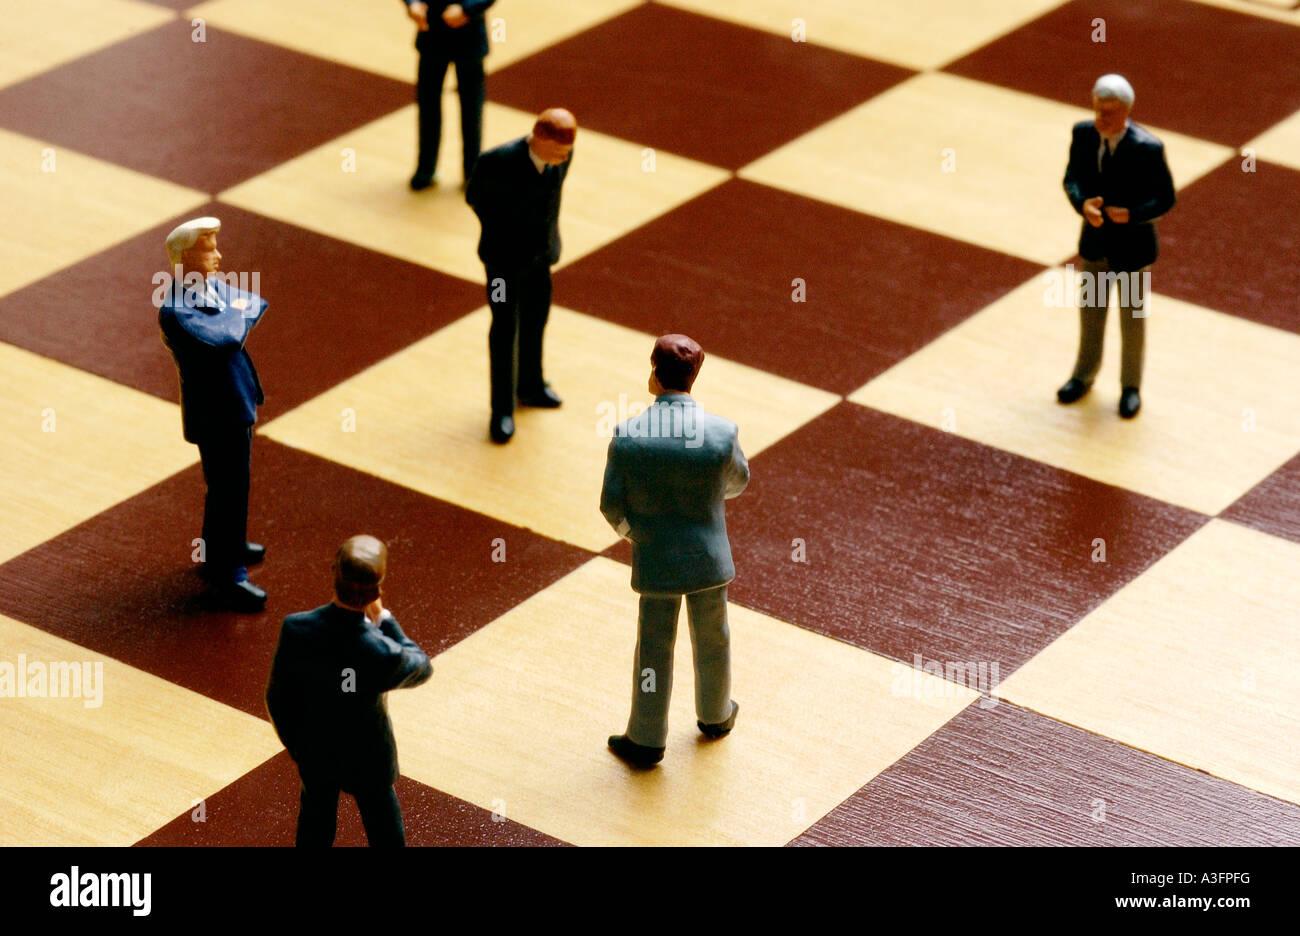 Imprenditori figure su una scacchiera - business concorso / processo decisionale / sentenza / Opzioni / strategia Immagini Stock